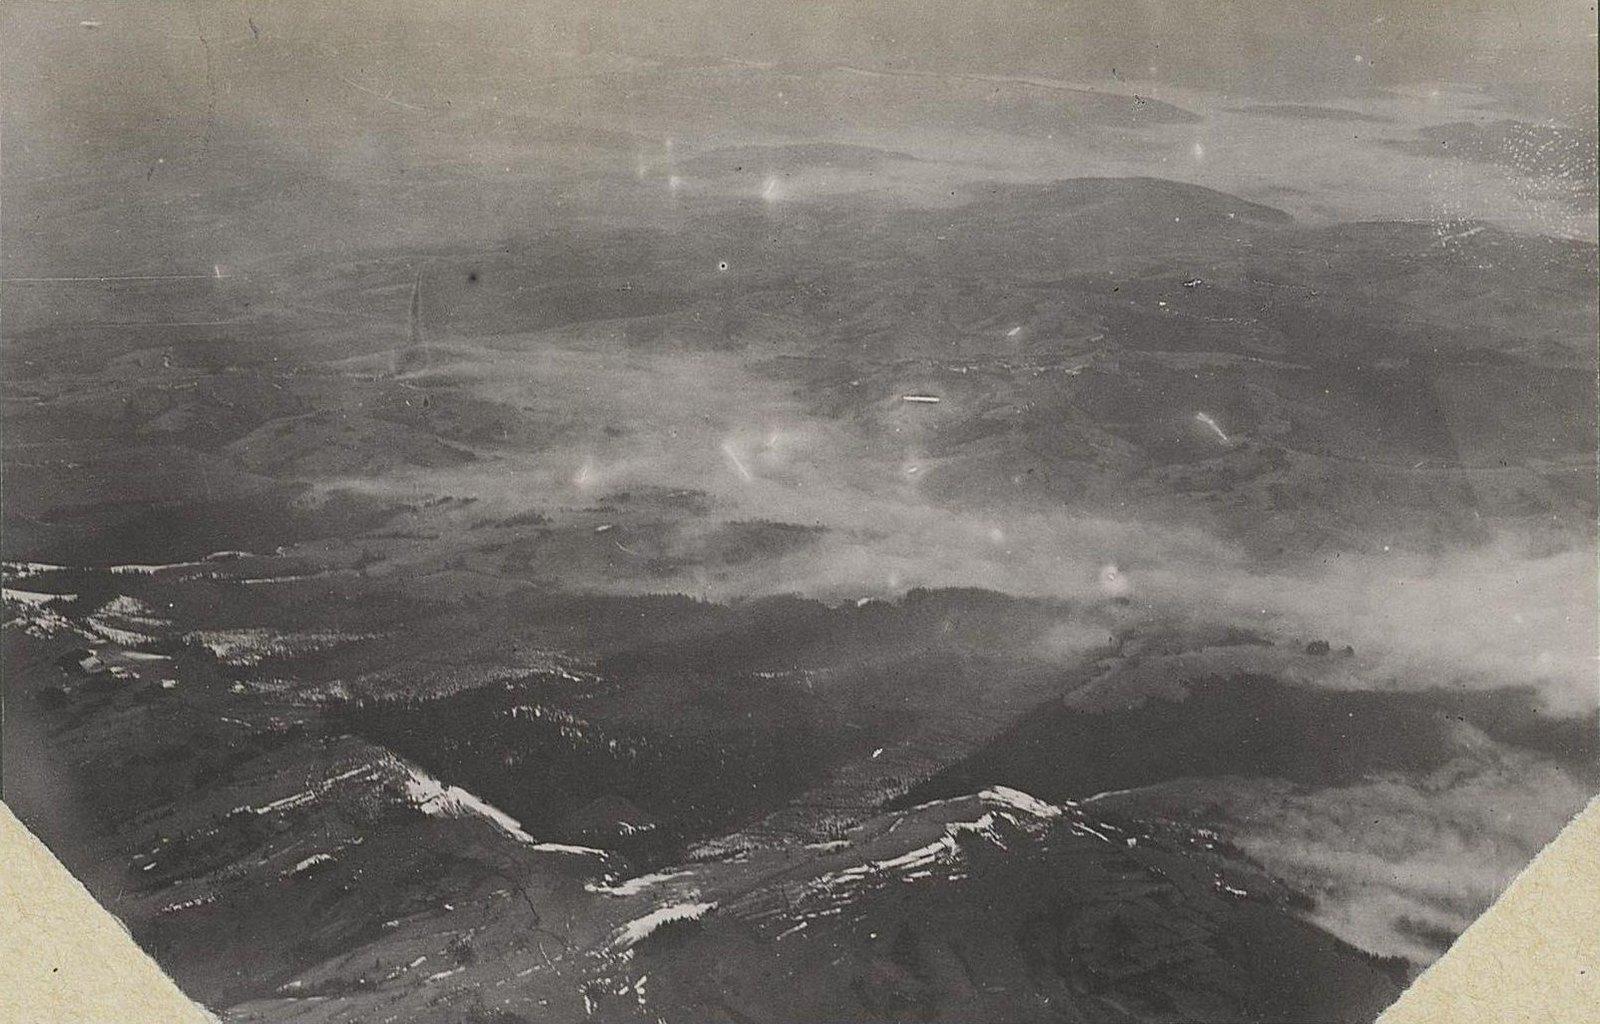 15. Долина р. Стыри в тумане. Снято с аэроплана